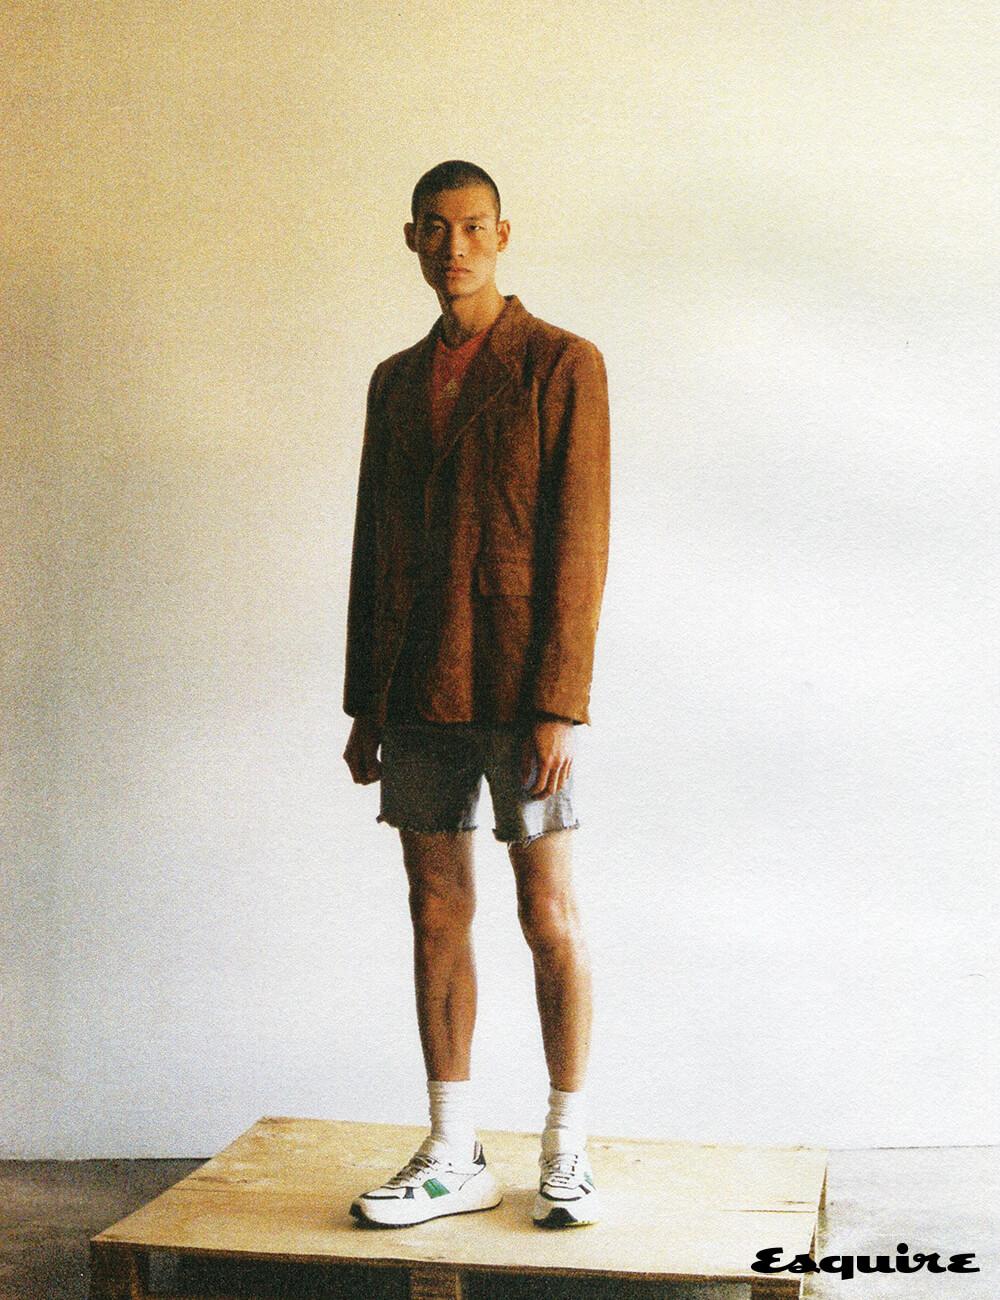 재킷 가격 미정 프라다. 저지 톱 11만9000원 아디다스 퍼포먼스. 데님 반바지 에디터 소장품. 운동화 90만원대 보테가 베네타.